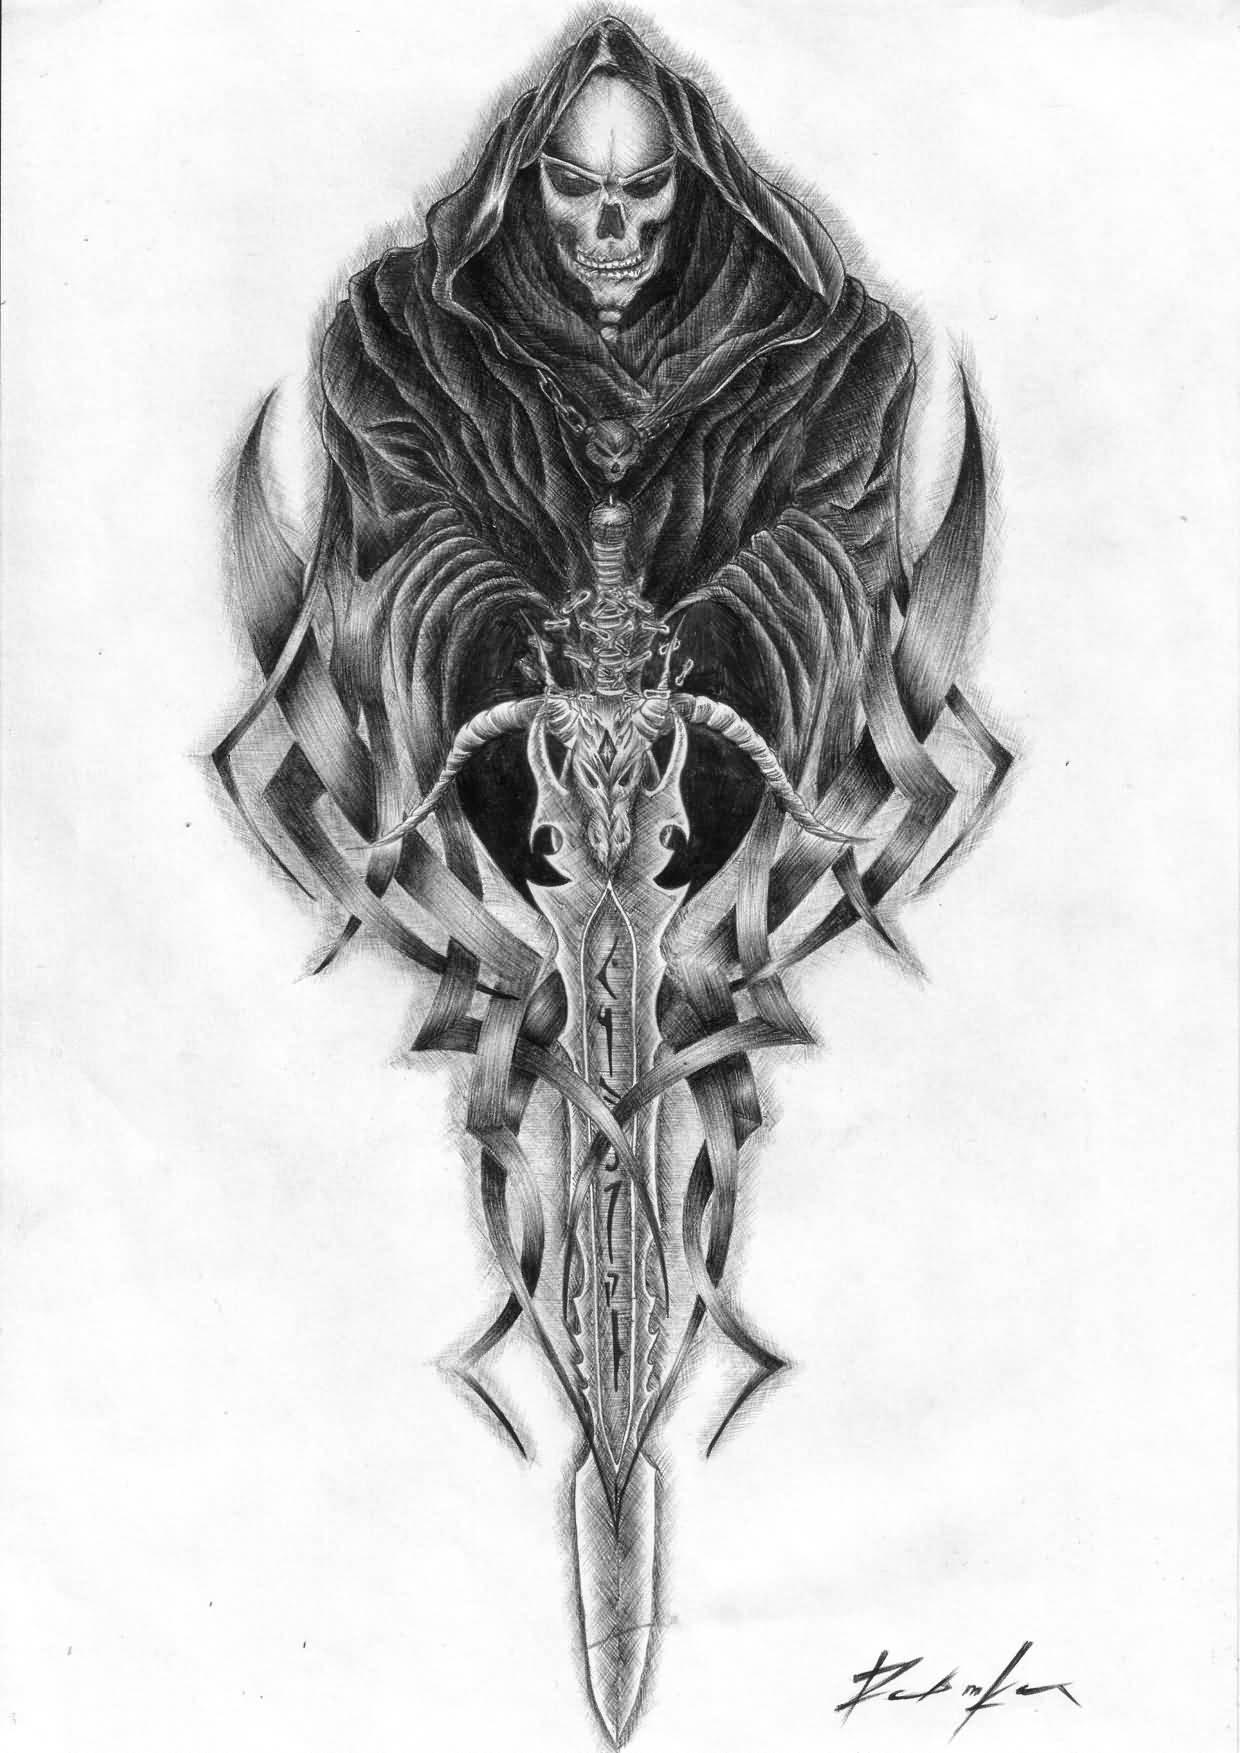 Tribal Death Tattoo: Tribal Sword And Grim Reaper Tattoo Design